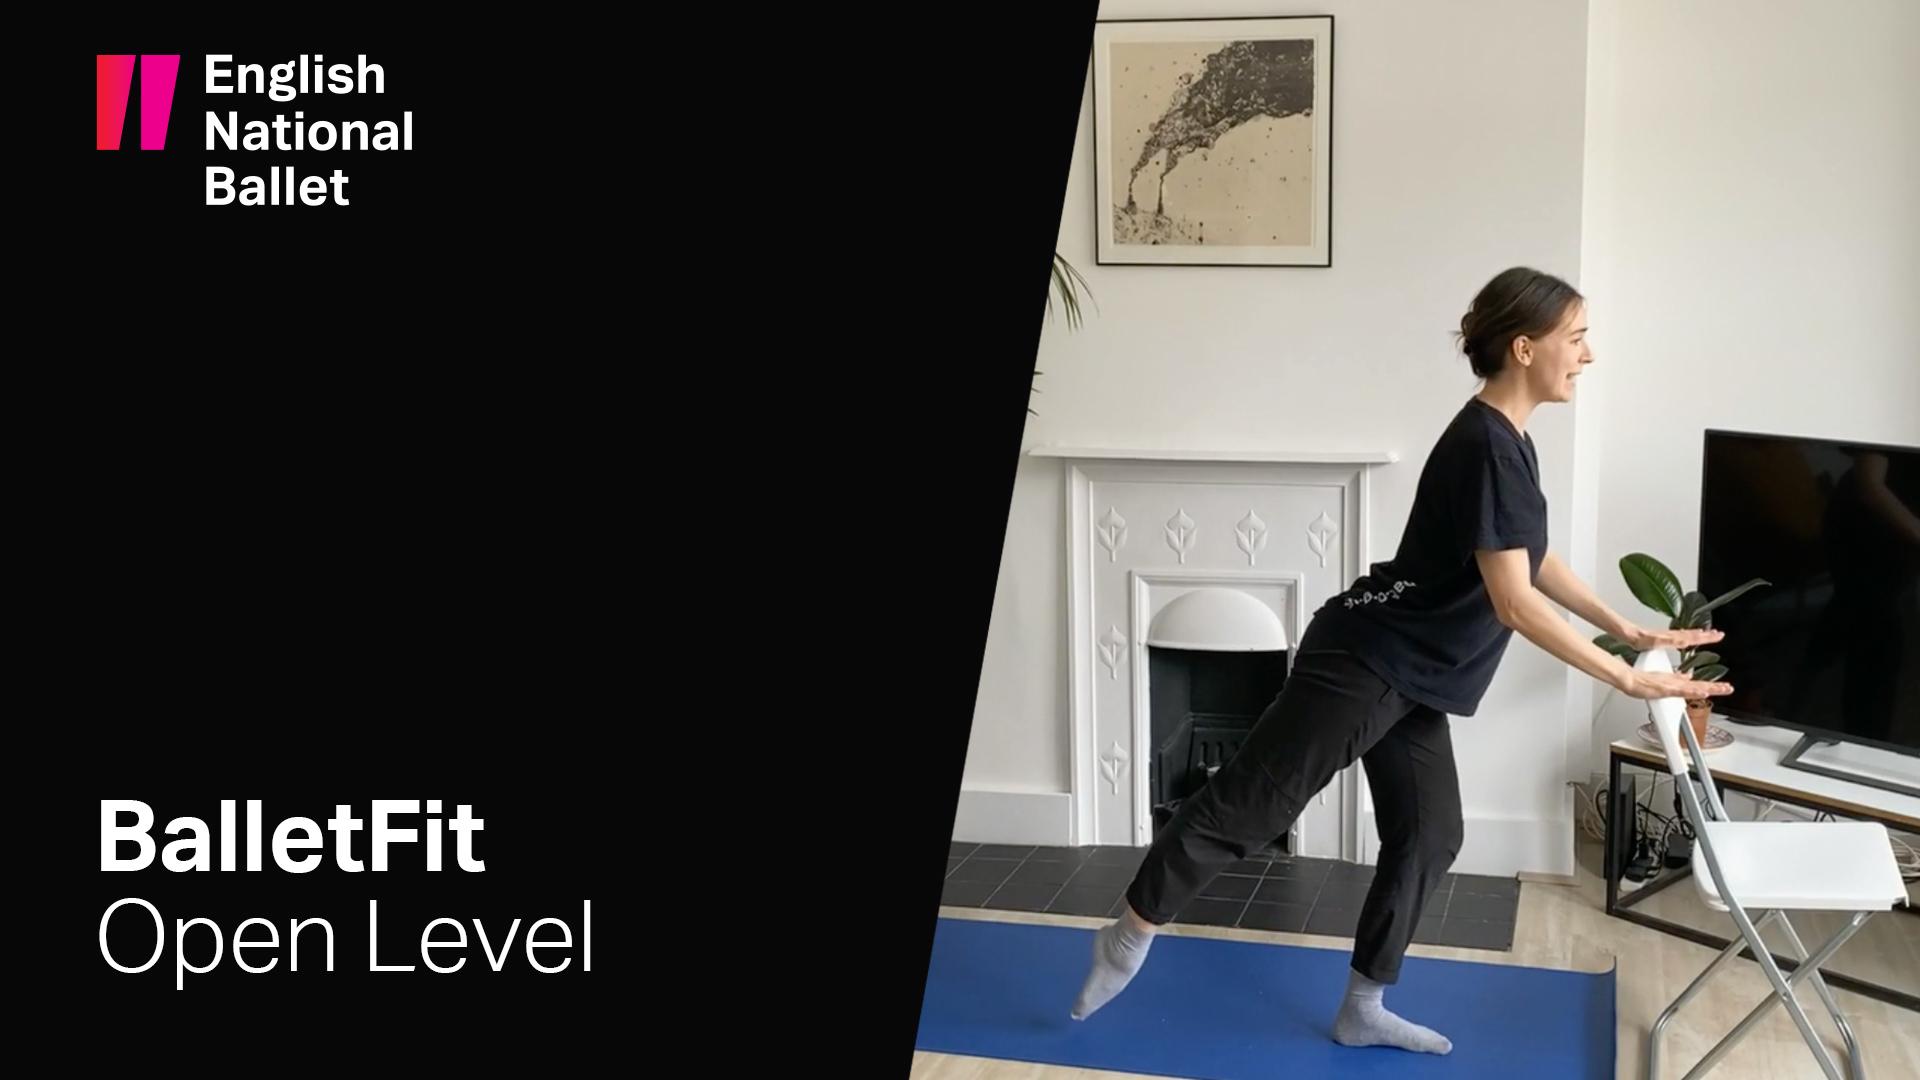 BalletFit Class #1 | English National Ballet